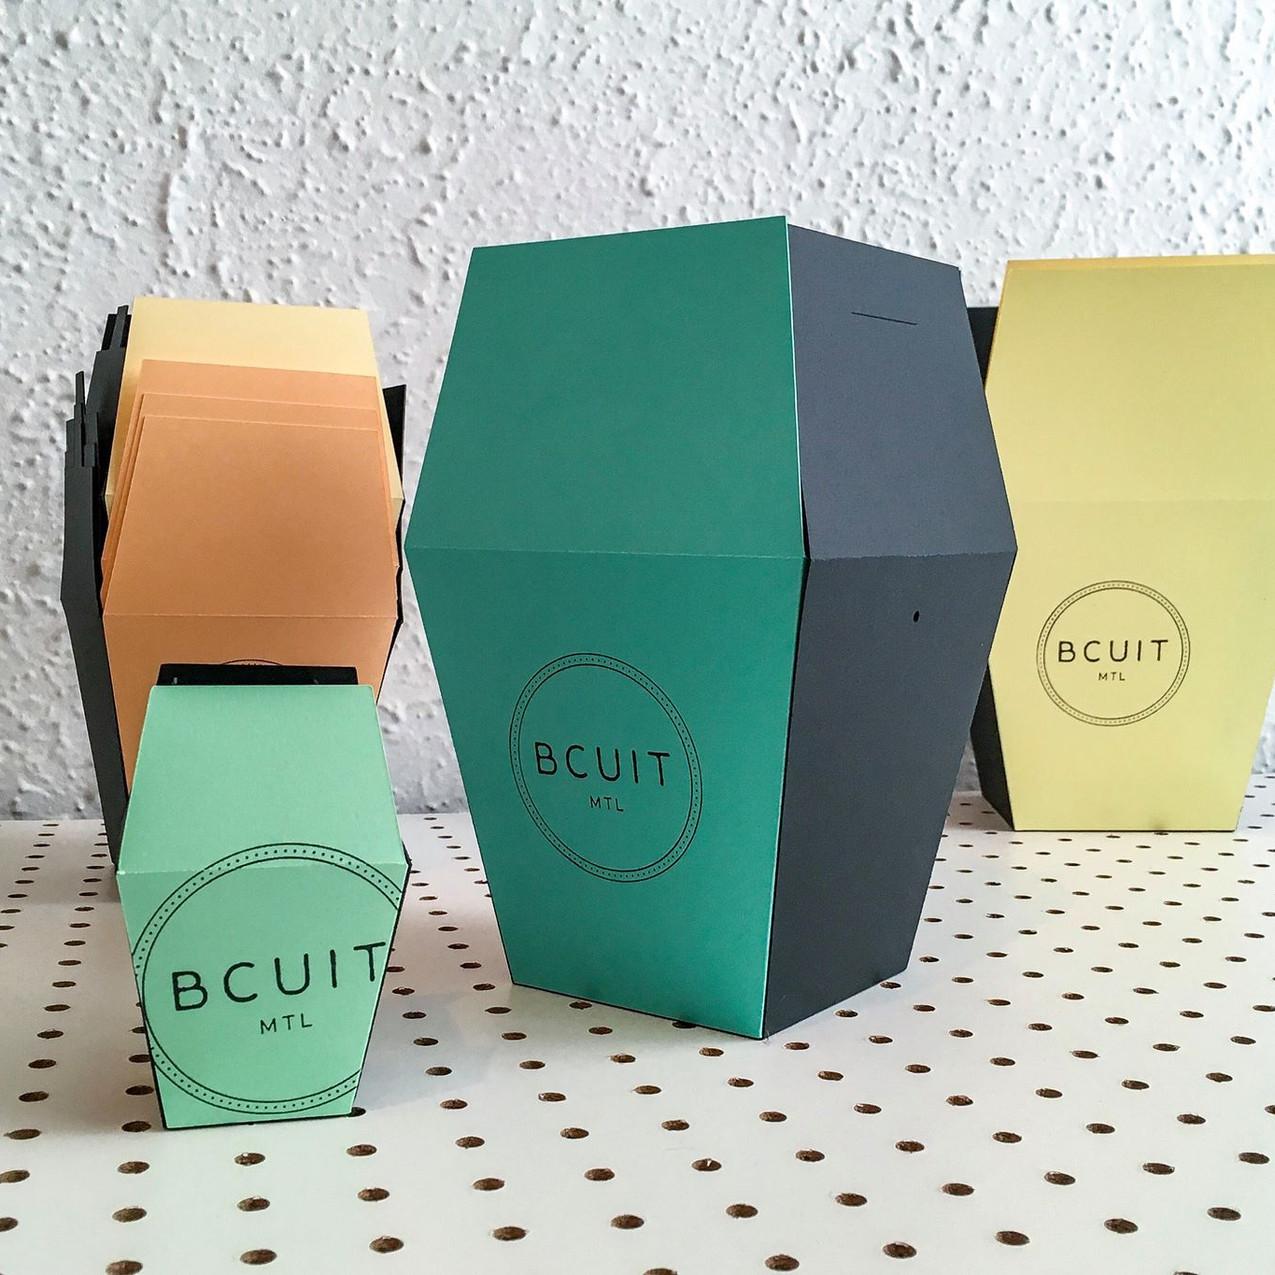 Bcuit-02